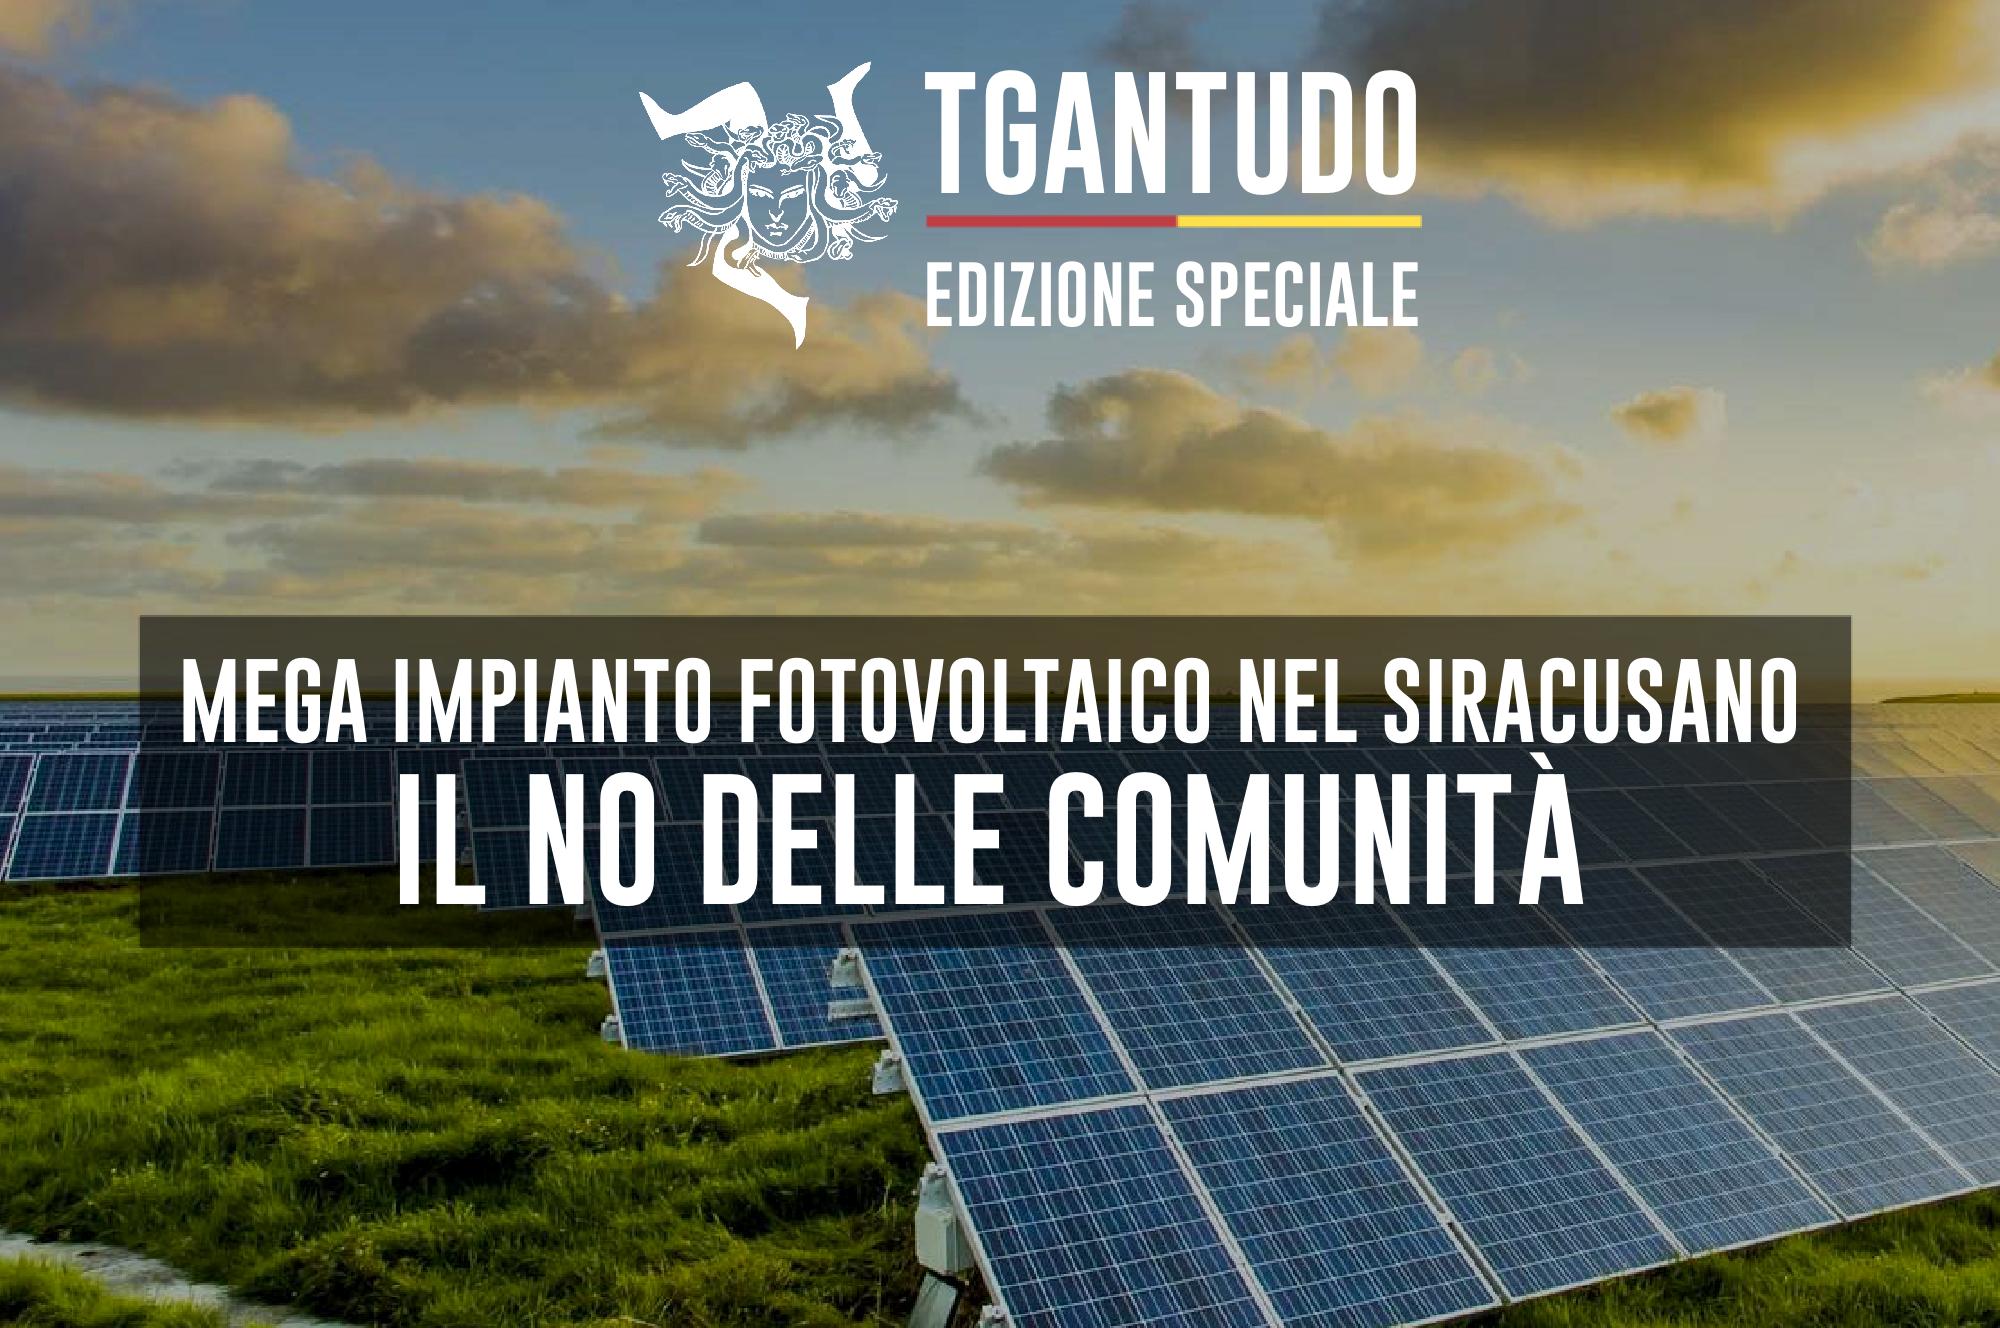 TGAntudo – 📌  Mega impianto fotovoltaico nel siracusano. Il no delle comunità